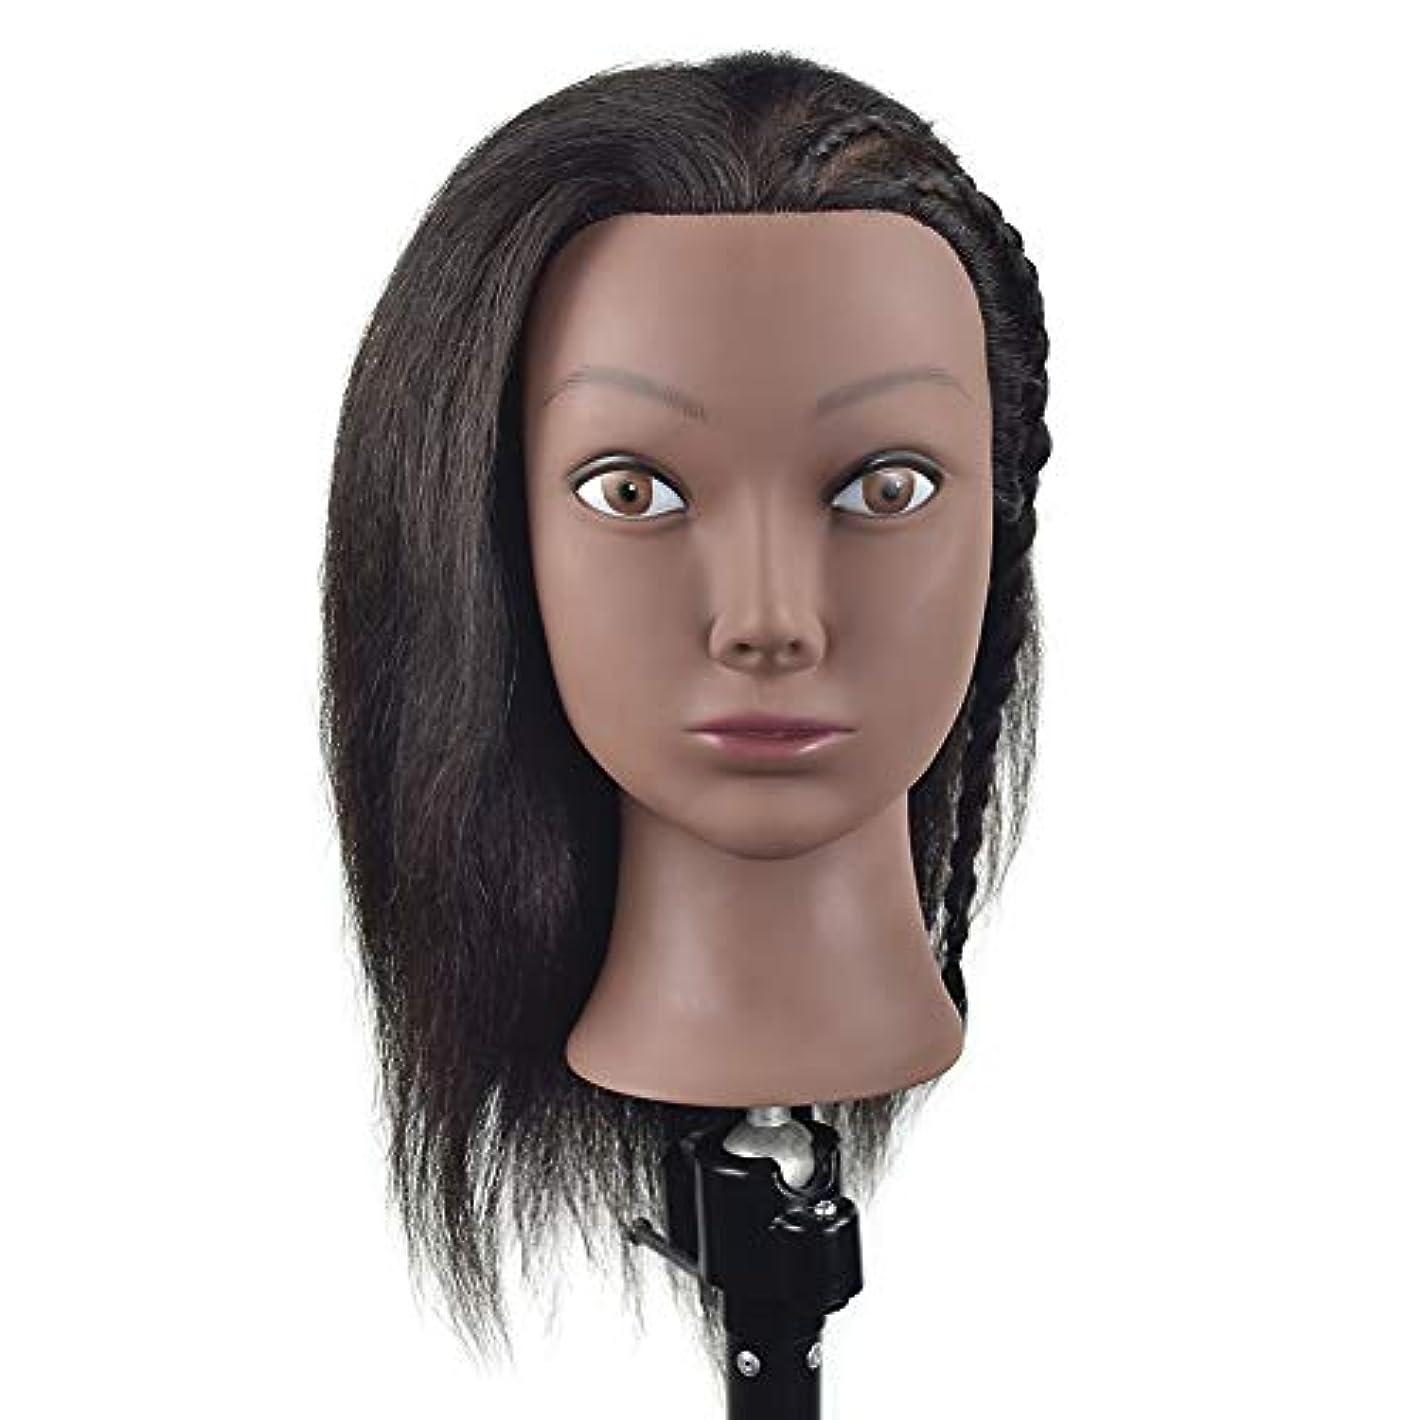 紫の週末かんたんトレーニングヘッドかつらヘッドの型のヘアカットの編みのスタイリングマネキンヘッド理髪店練習指導ダミーヘッド